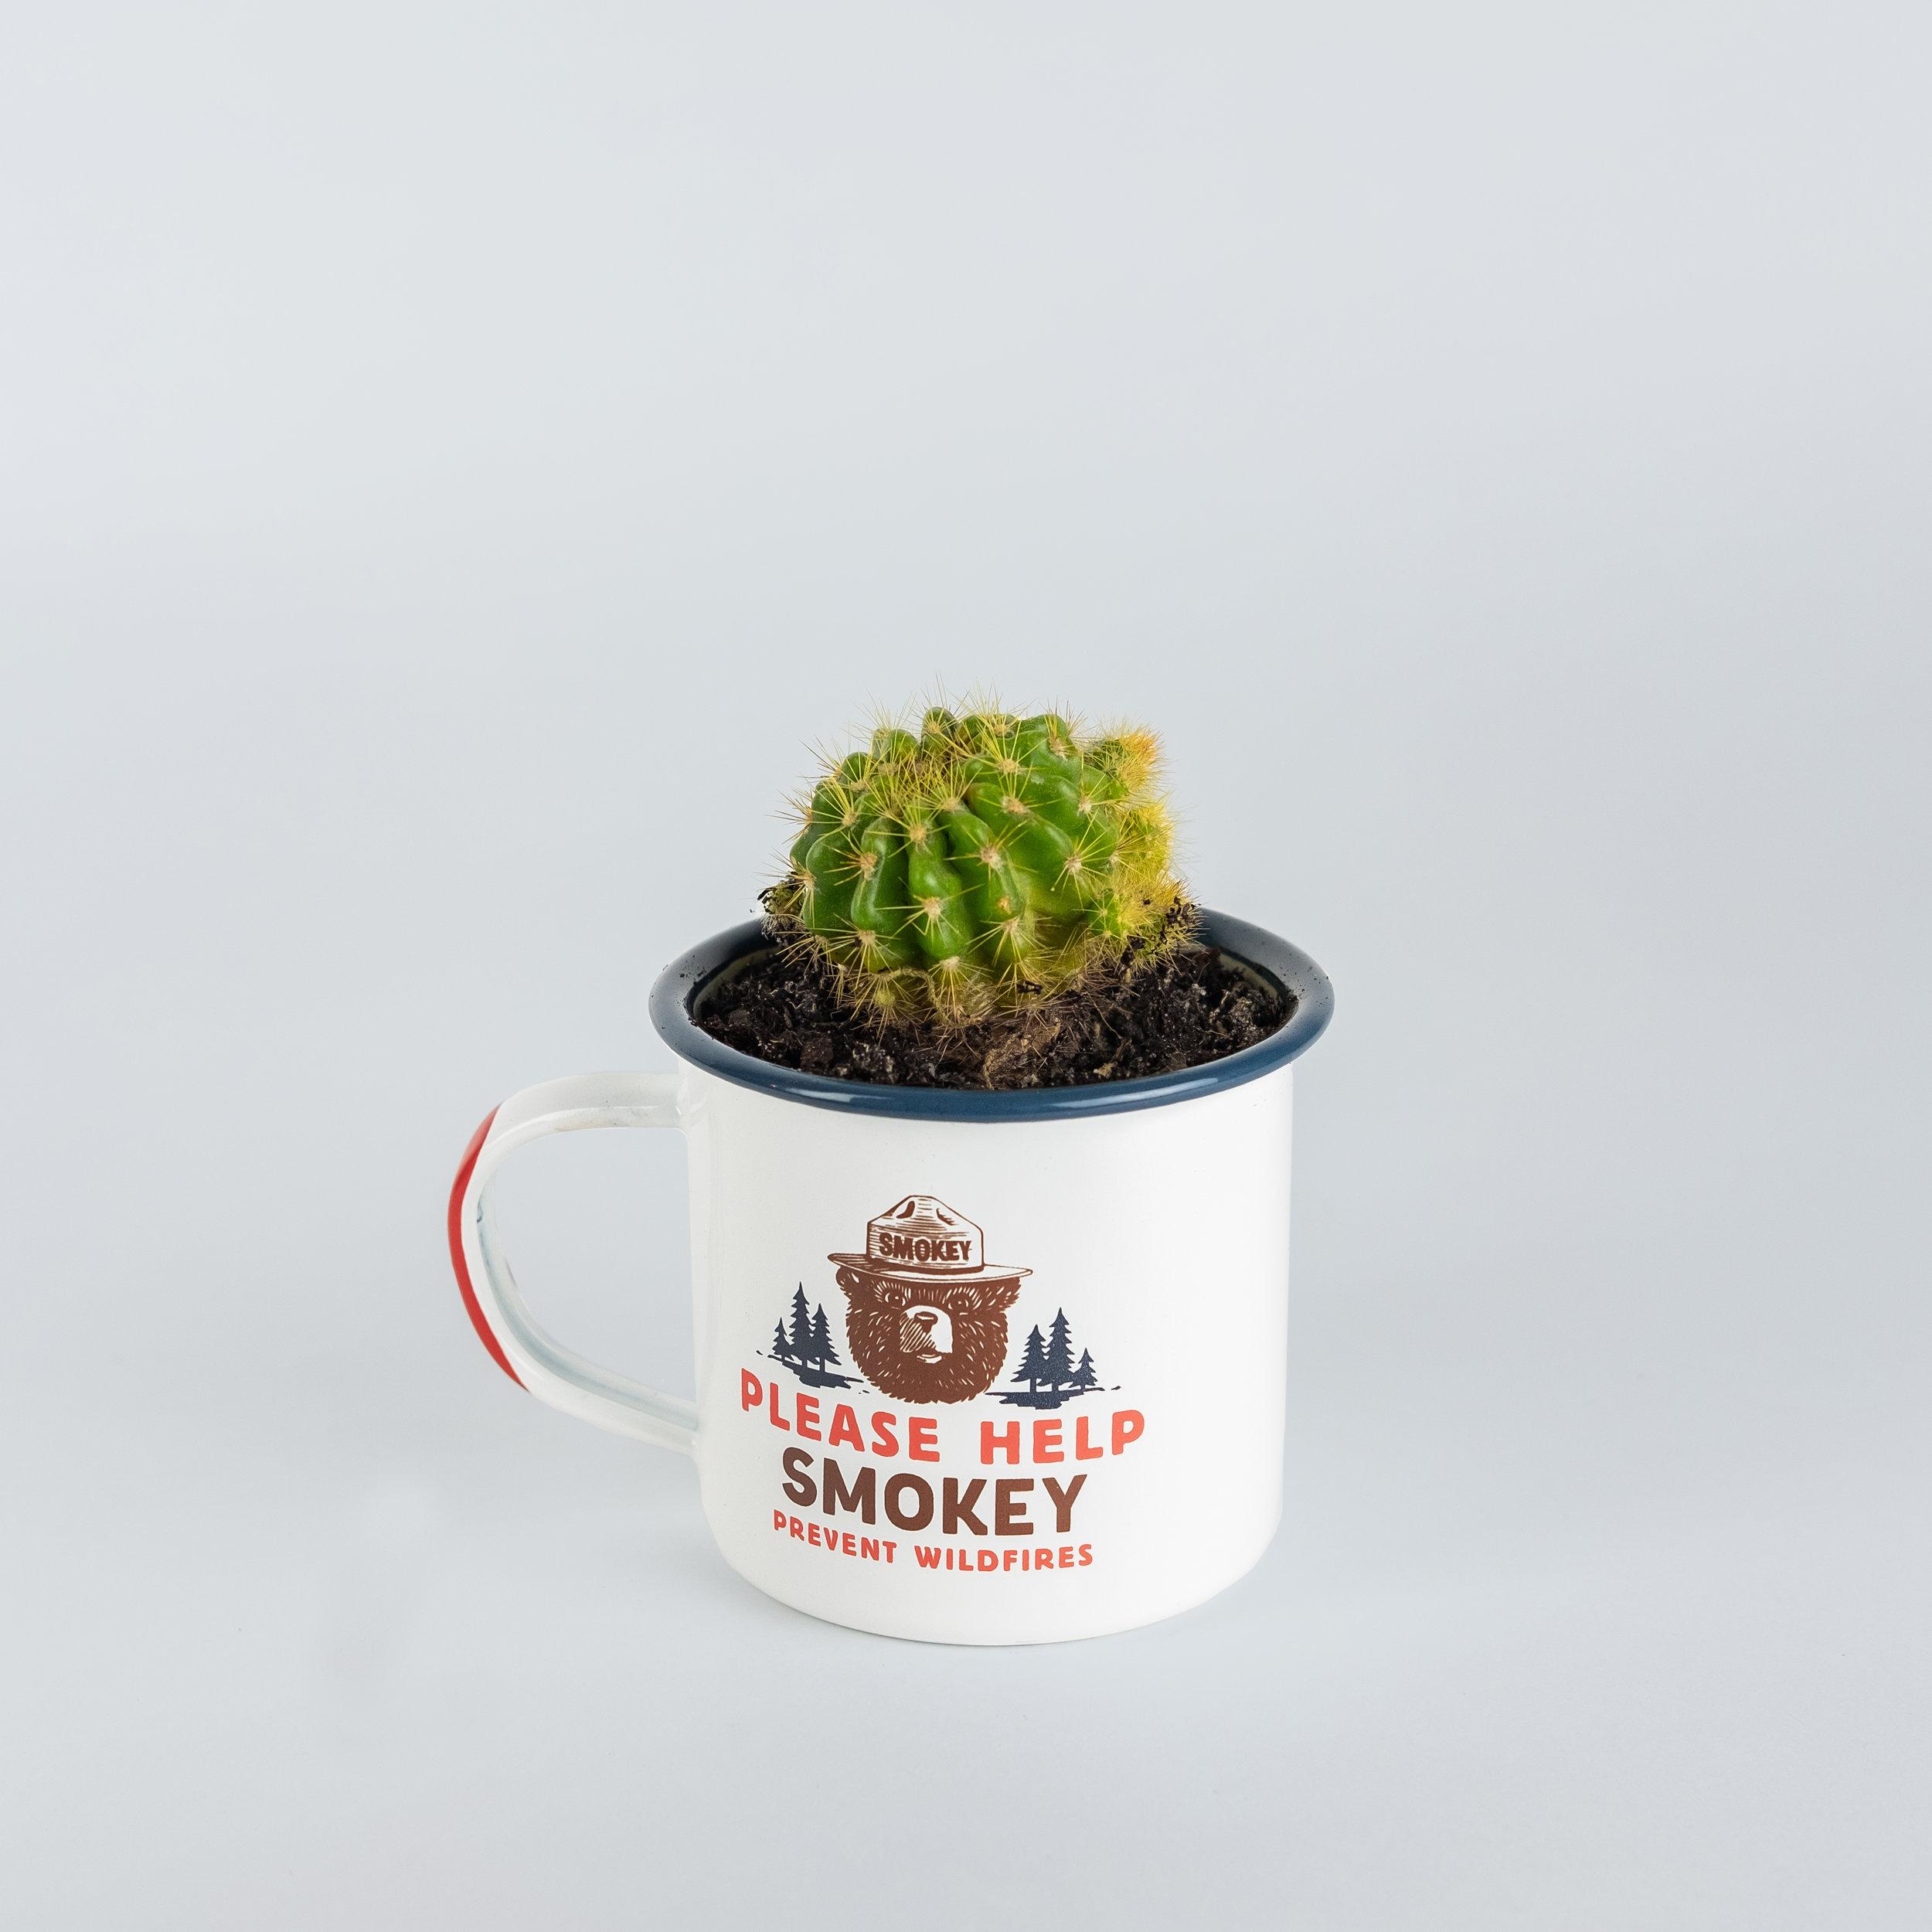 cactus-smokey-mug.jpg